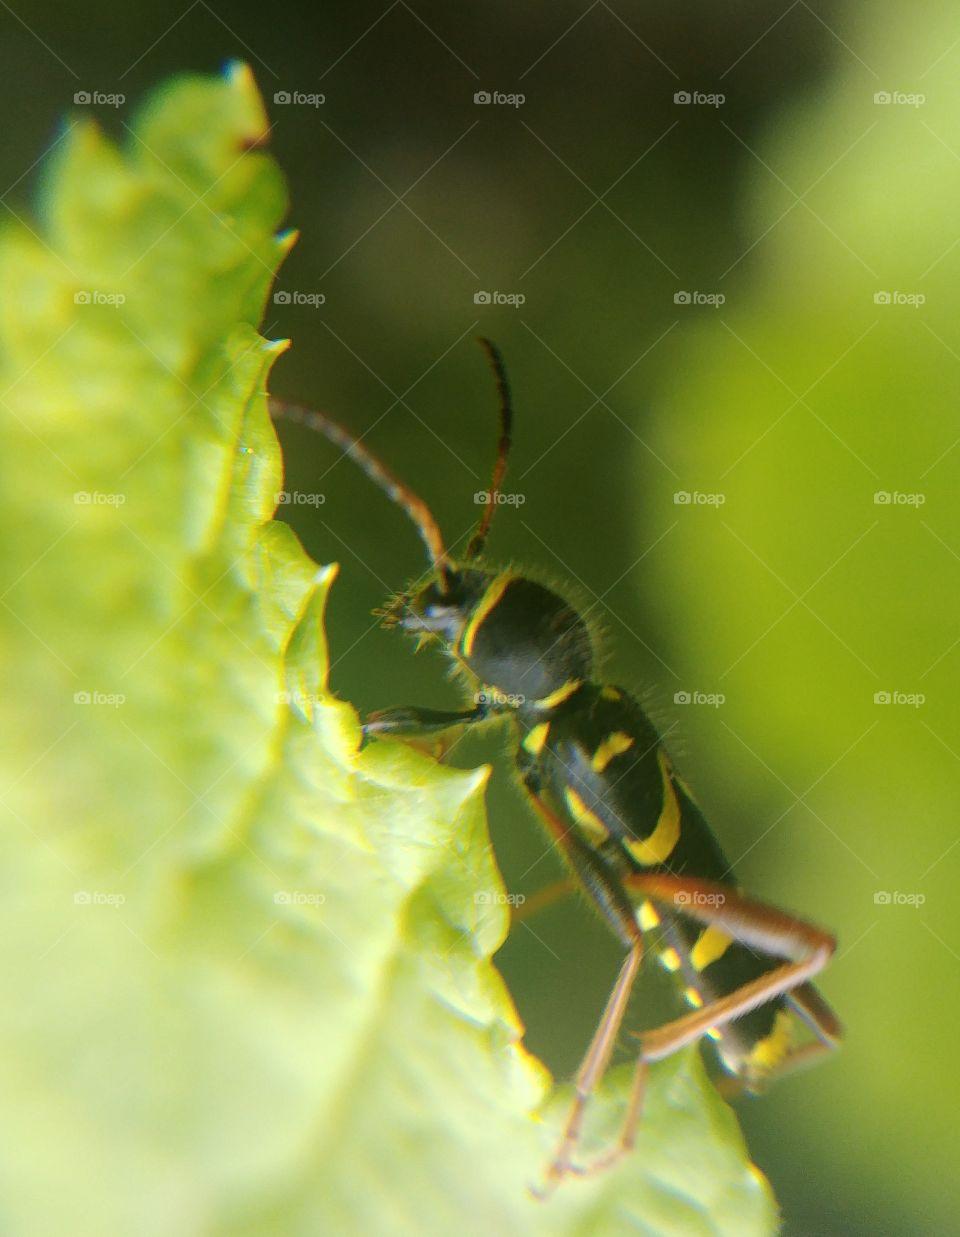 insekt käfer gelb schwarz blatt